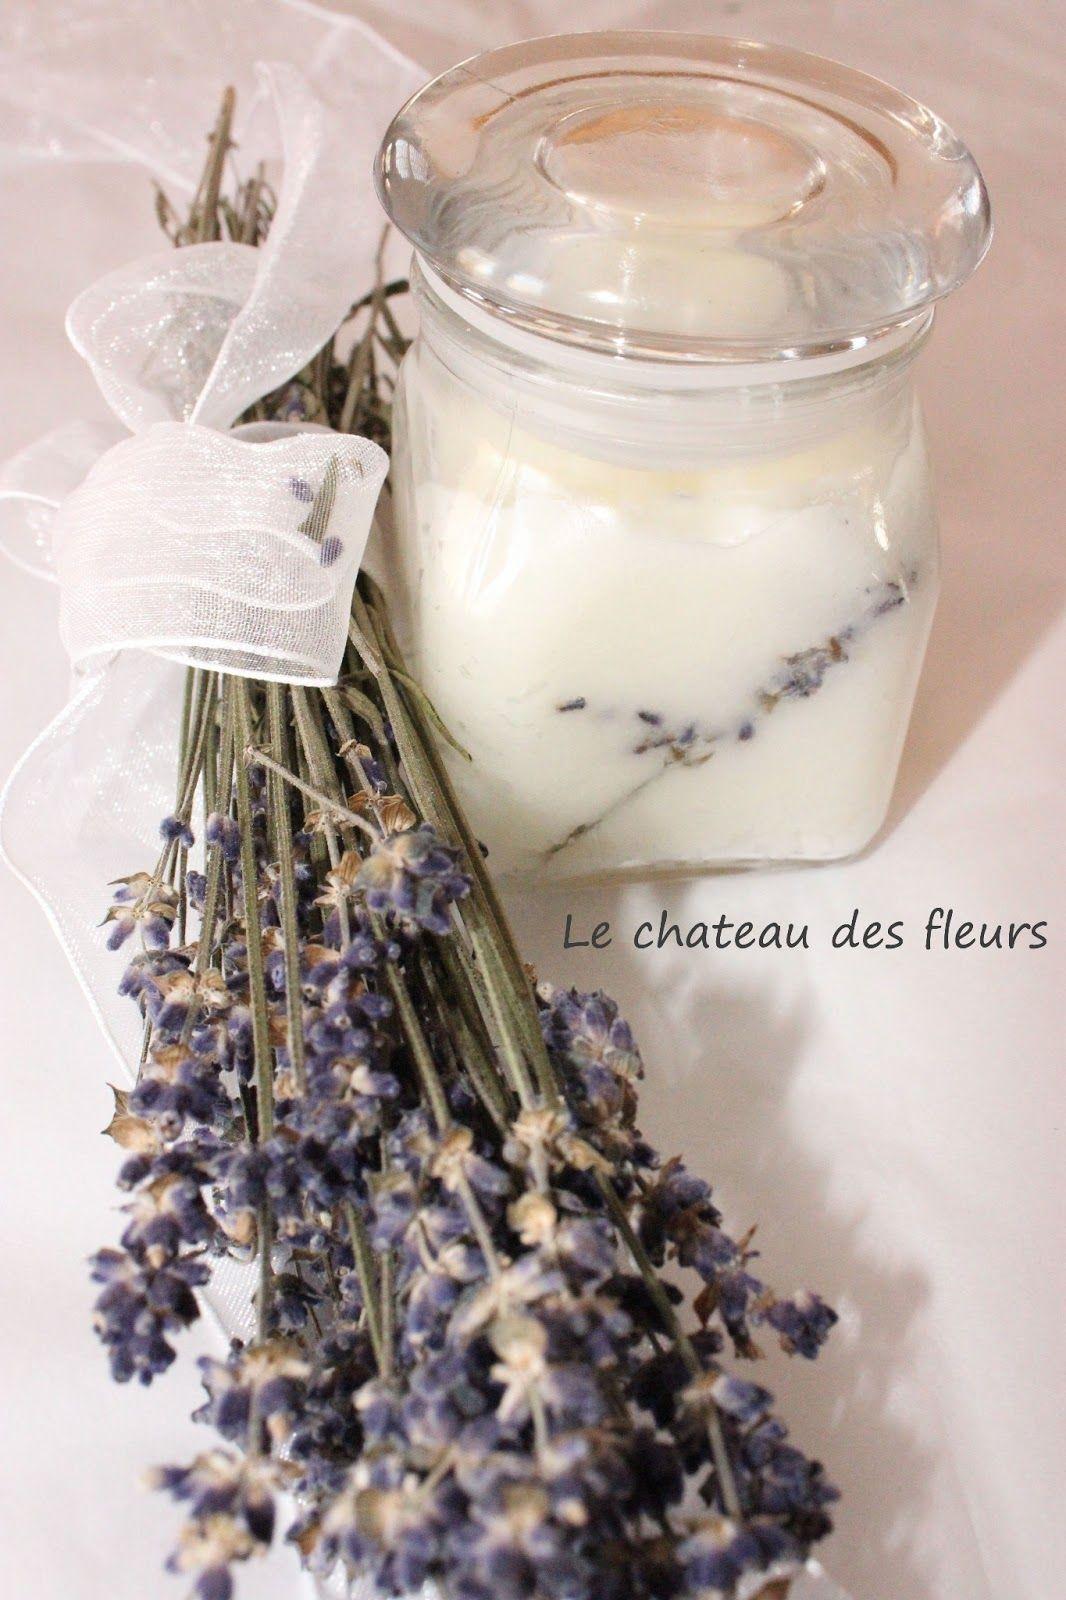 Isabelle Thornton Le Chateau des Fleurs: Coconut lavender oil DIY #cocunutlavender